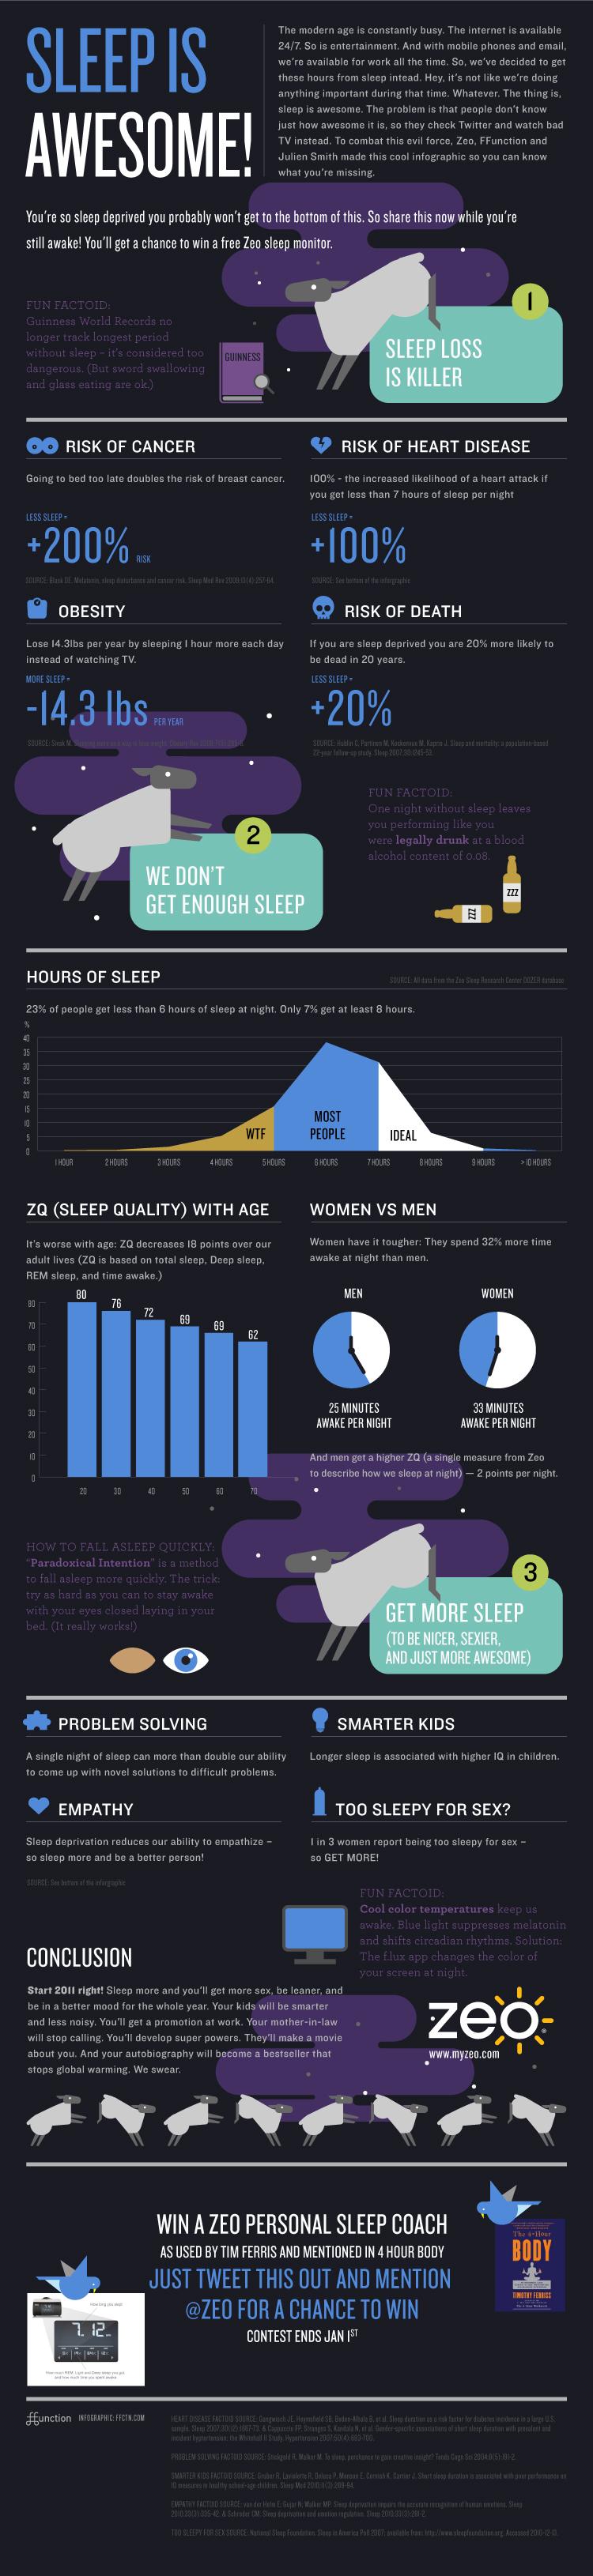 Sleep is Awesome zeo-Sleep-Infographic-FFunction